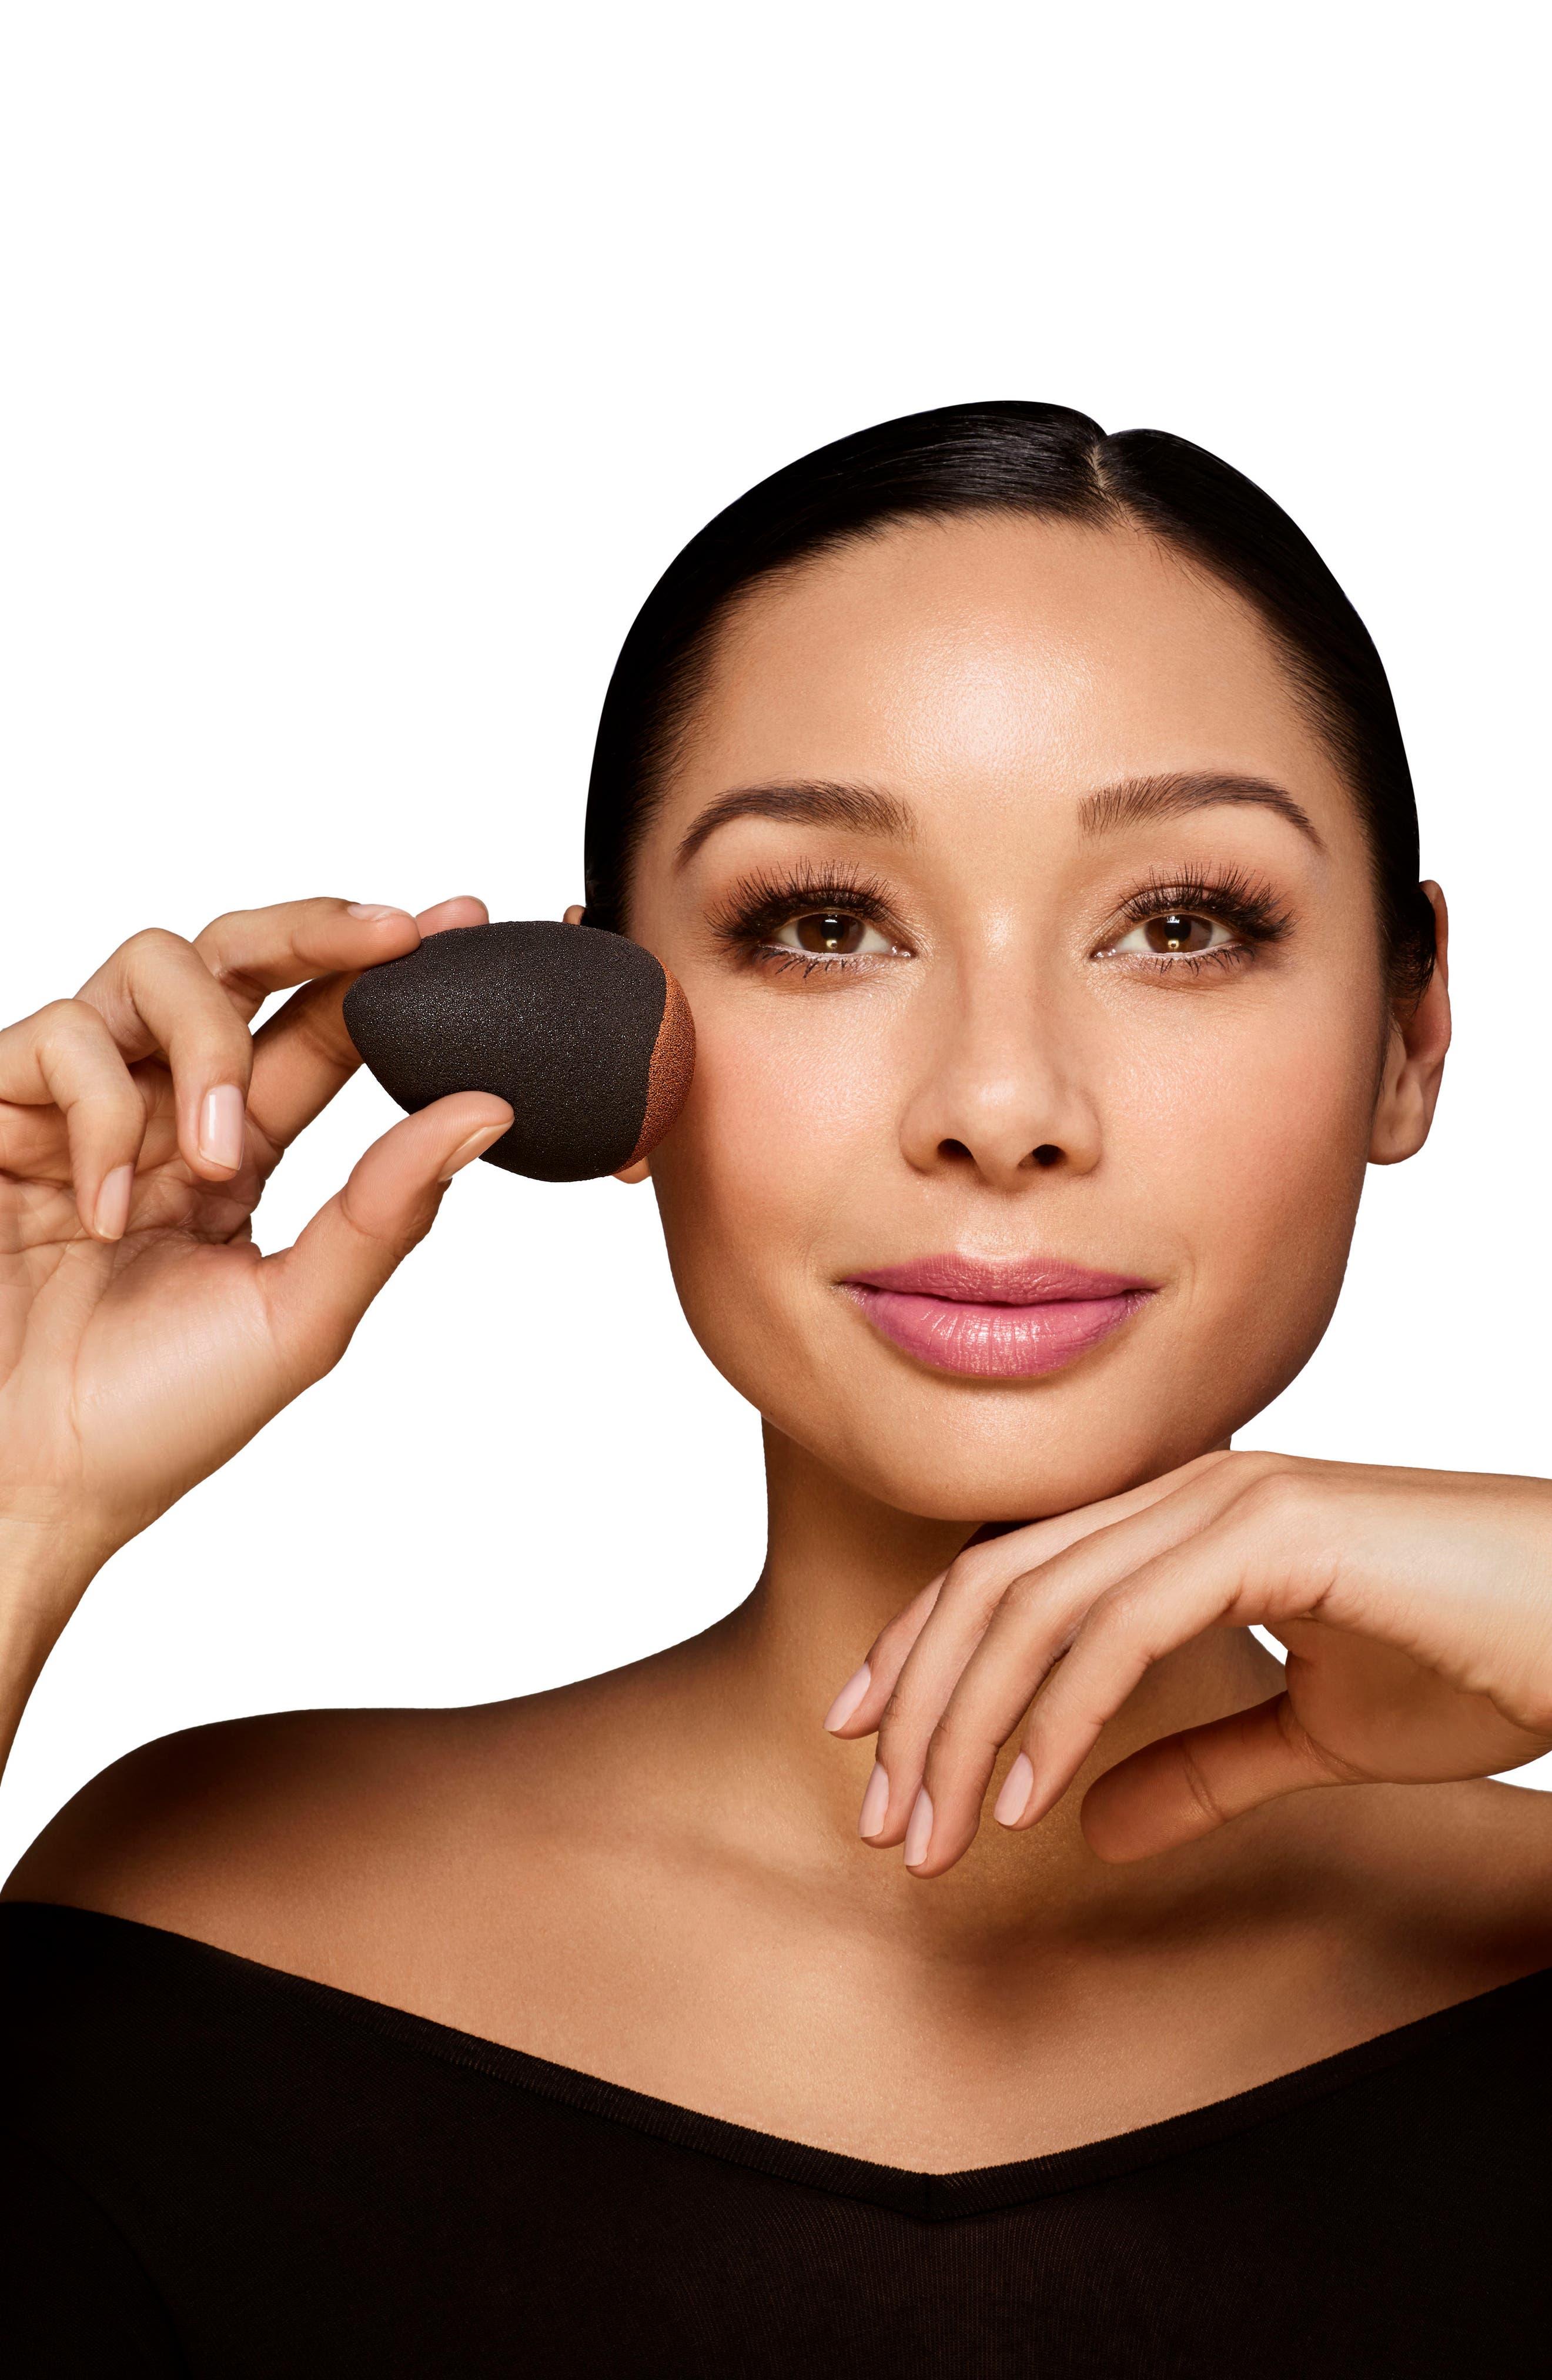 ,                             'pro' Makeup Sponge Applicator,                             Alternate thumbnail 5, color,                             NO COLOR